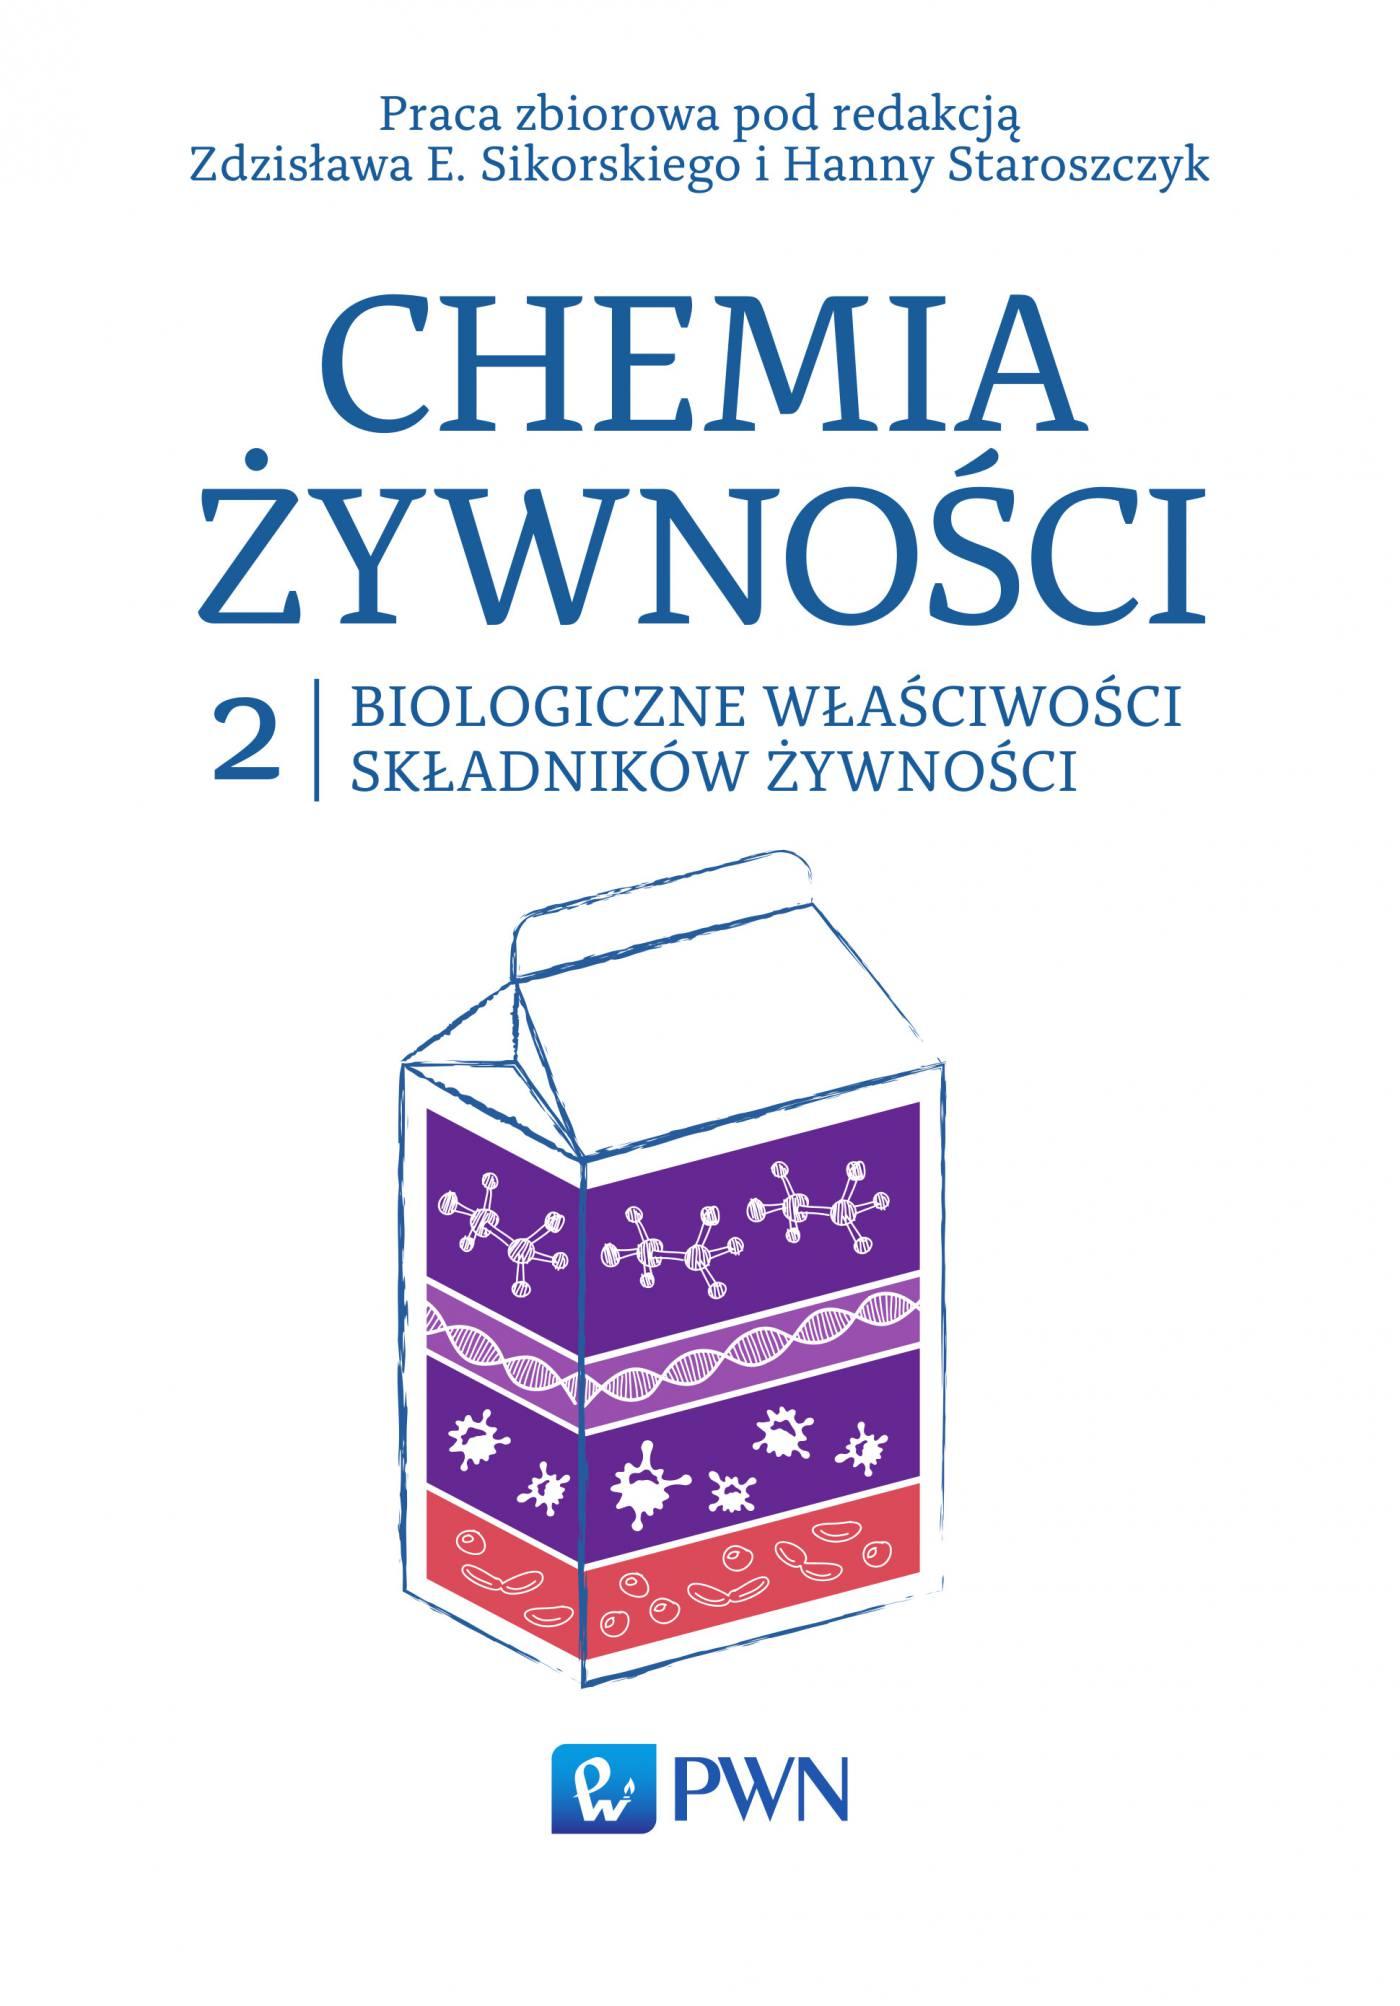 Chemia żywności t. 2. Biologiczne właściwości składników żywności - Ebook (Książka EPUB) do pobrania w formacie EPUB